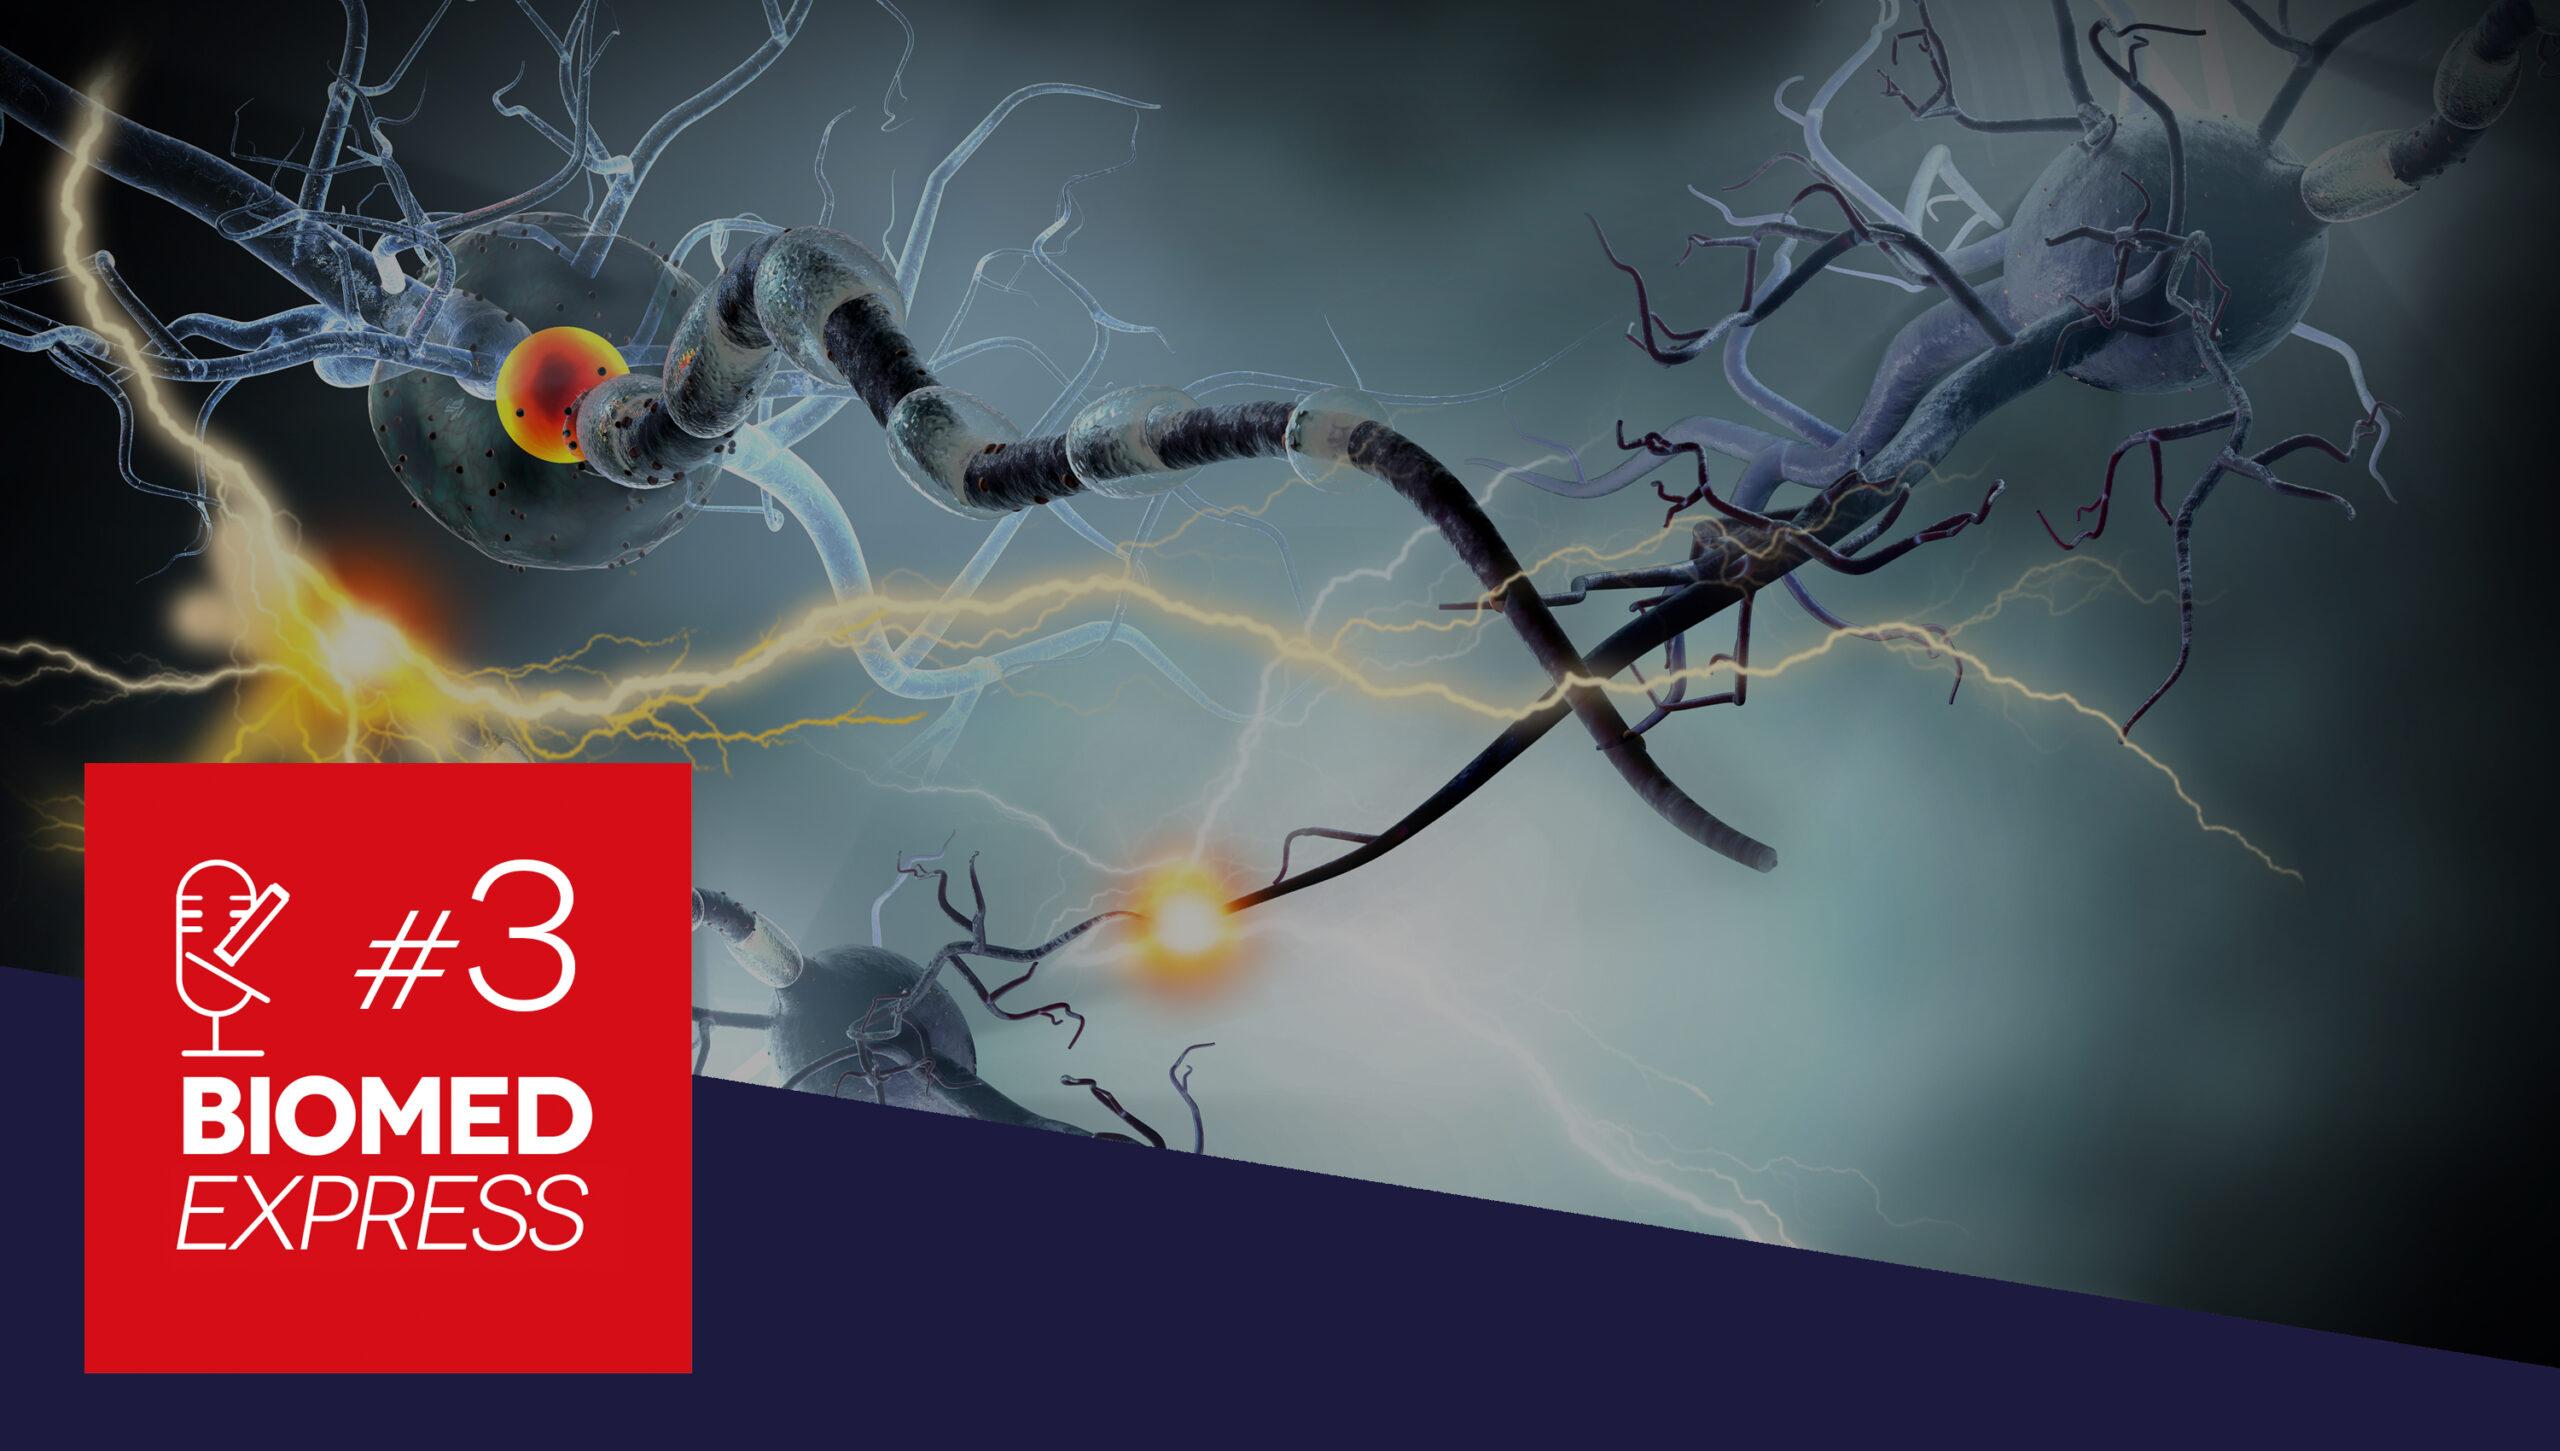 #3 Biomed Express – Descoberto Gene envolvido com a Esclerose Múltipla